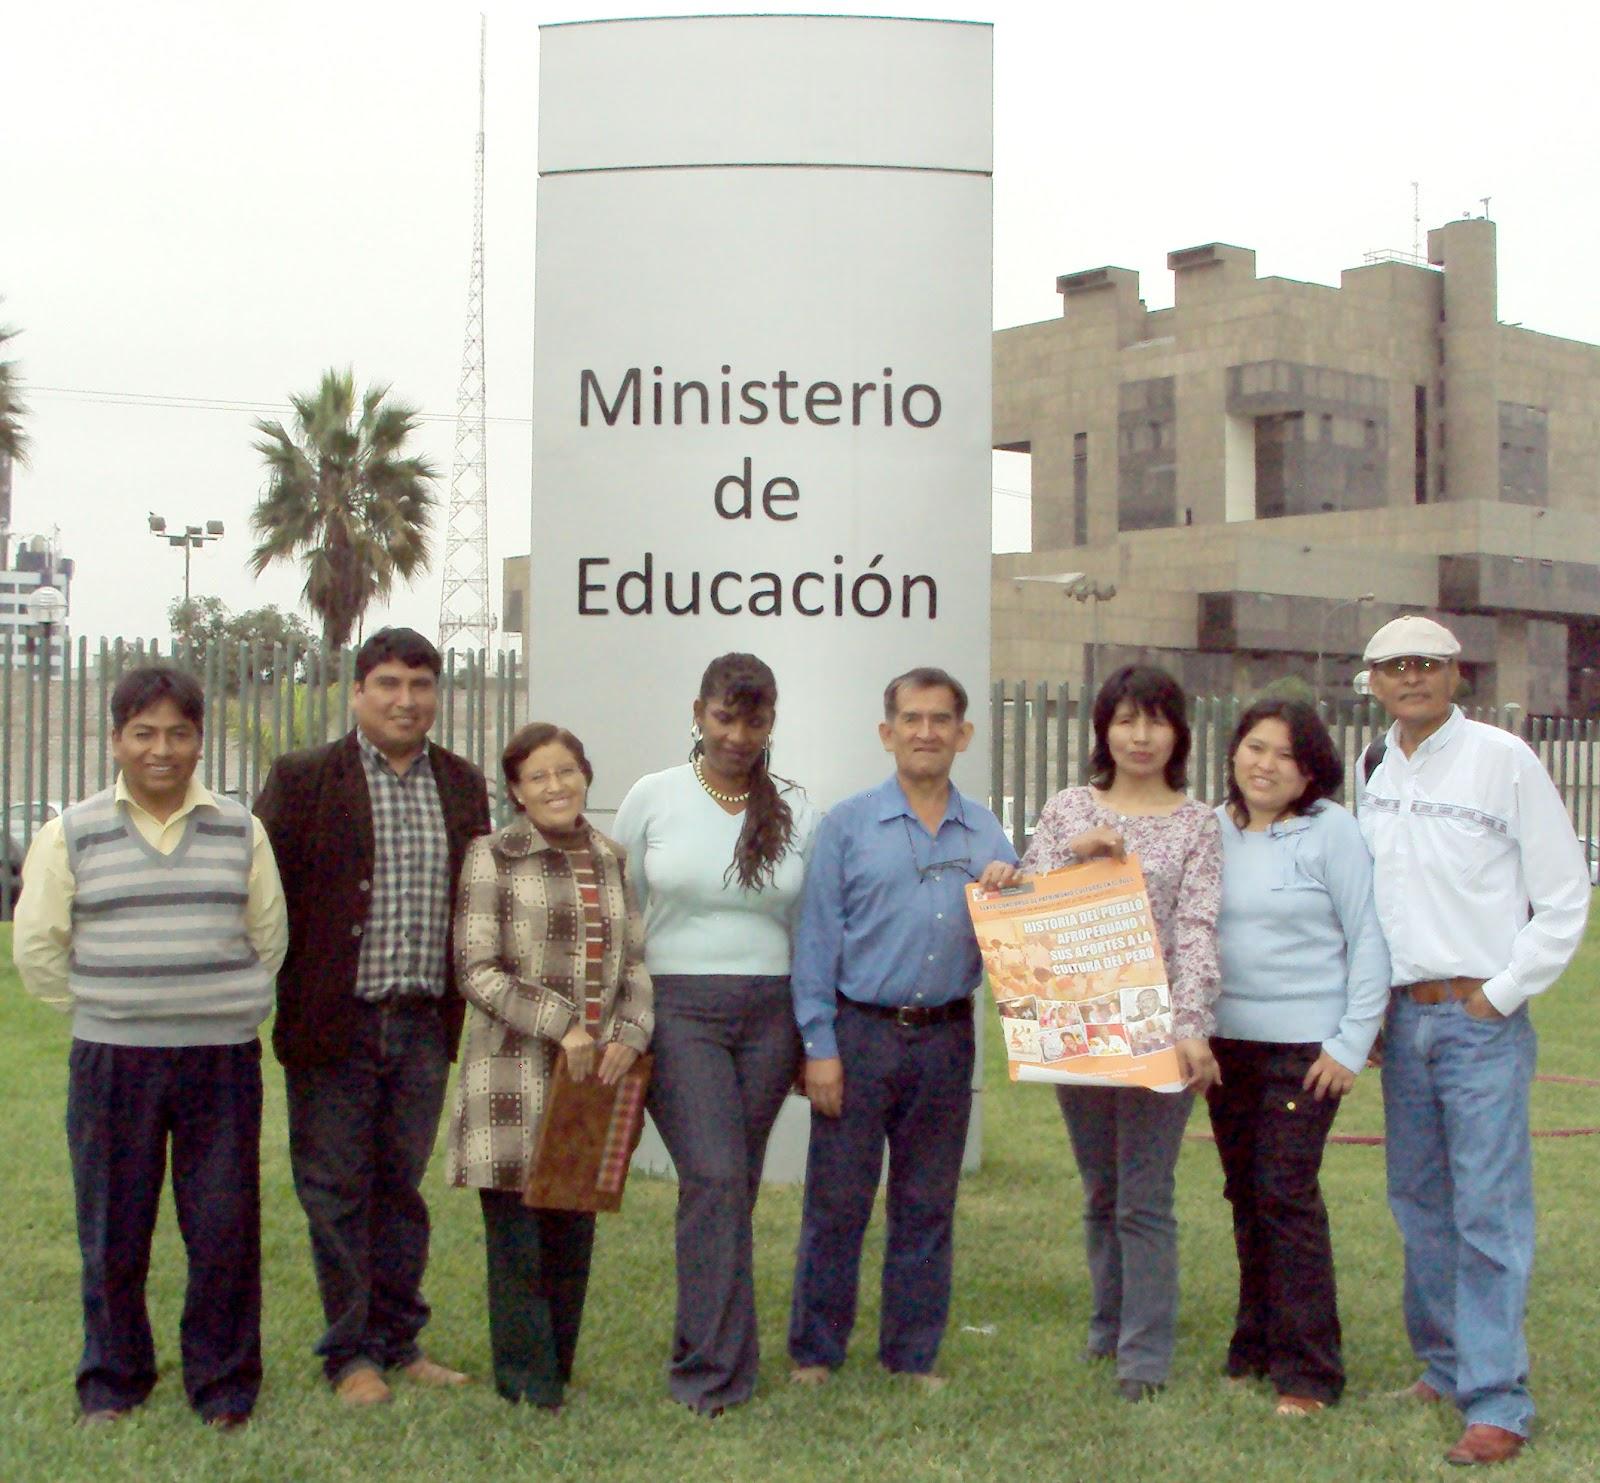 Premian a ganadores de concurso sobre historia del pueblo for Educacion exterior